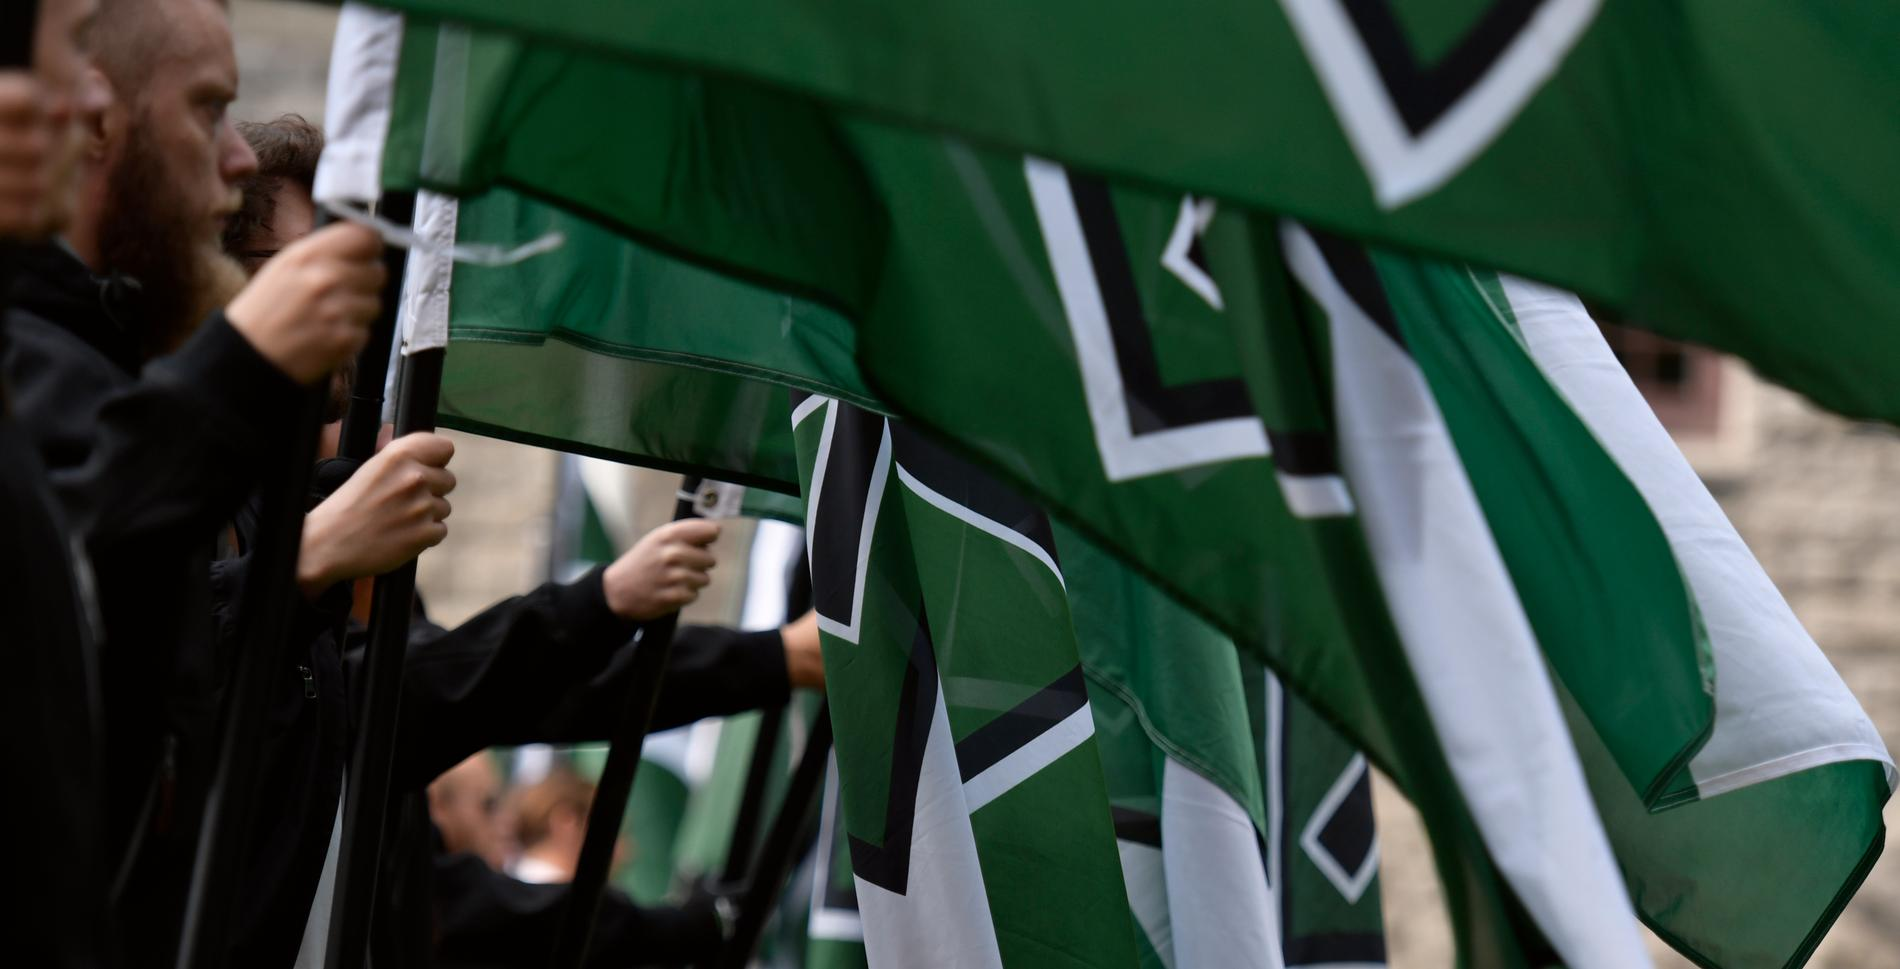 Väktare som jobbat för Securitas har samtidigt varit aktiva medlemmar i nazistiska Nordiska Motståndsrörelsen, enligt Expressens granskning